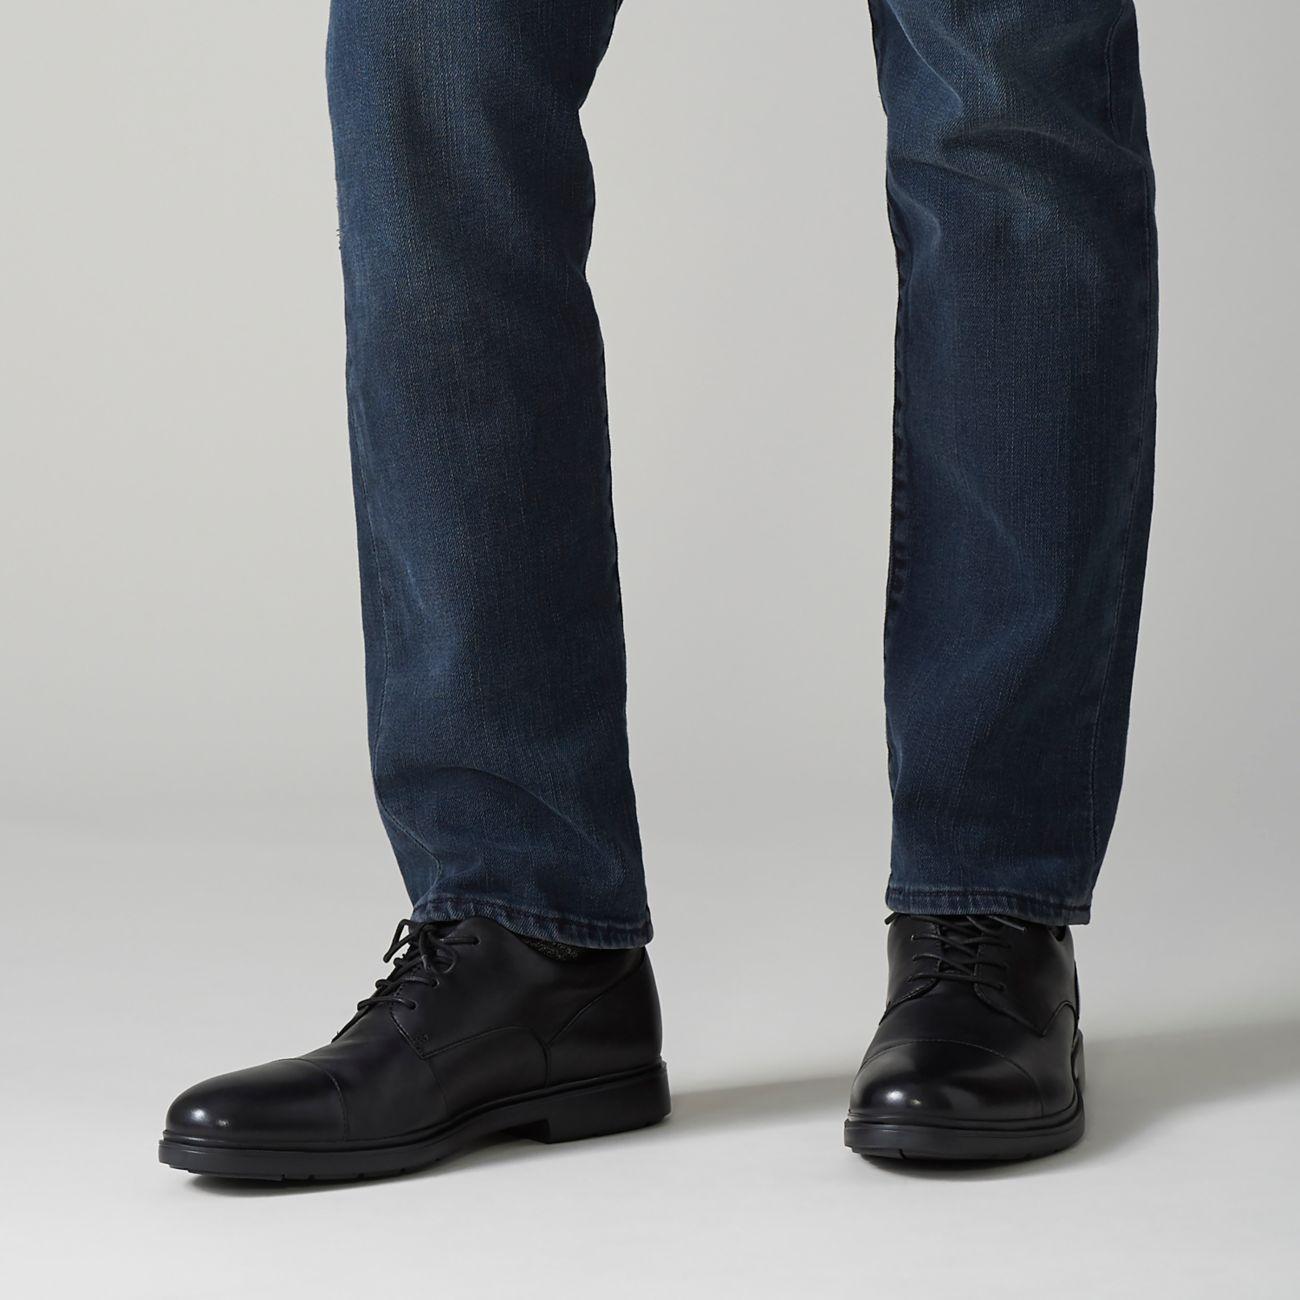 Мъжки елегантни кожени обувки Clarks Un Tailor Cap черни - снимка 8